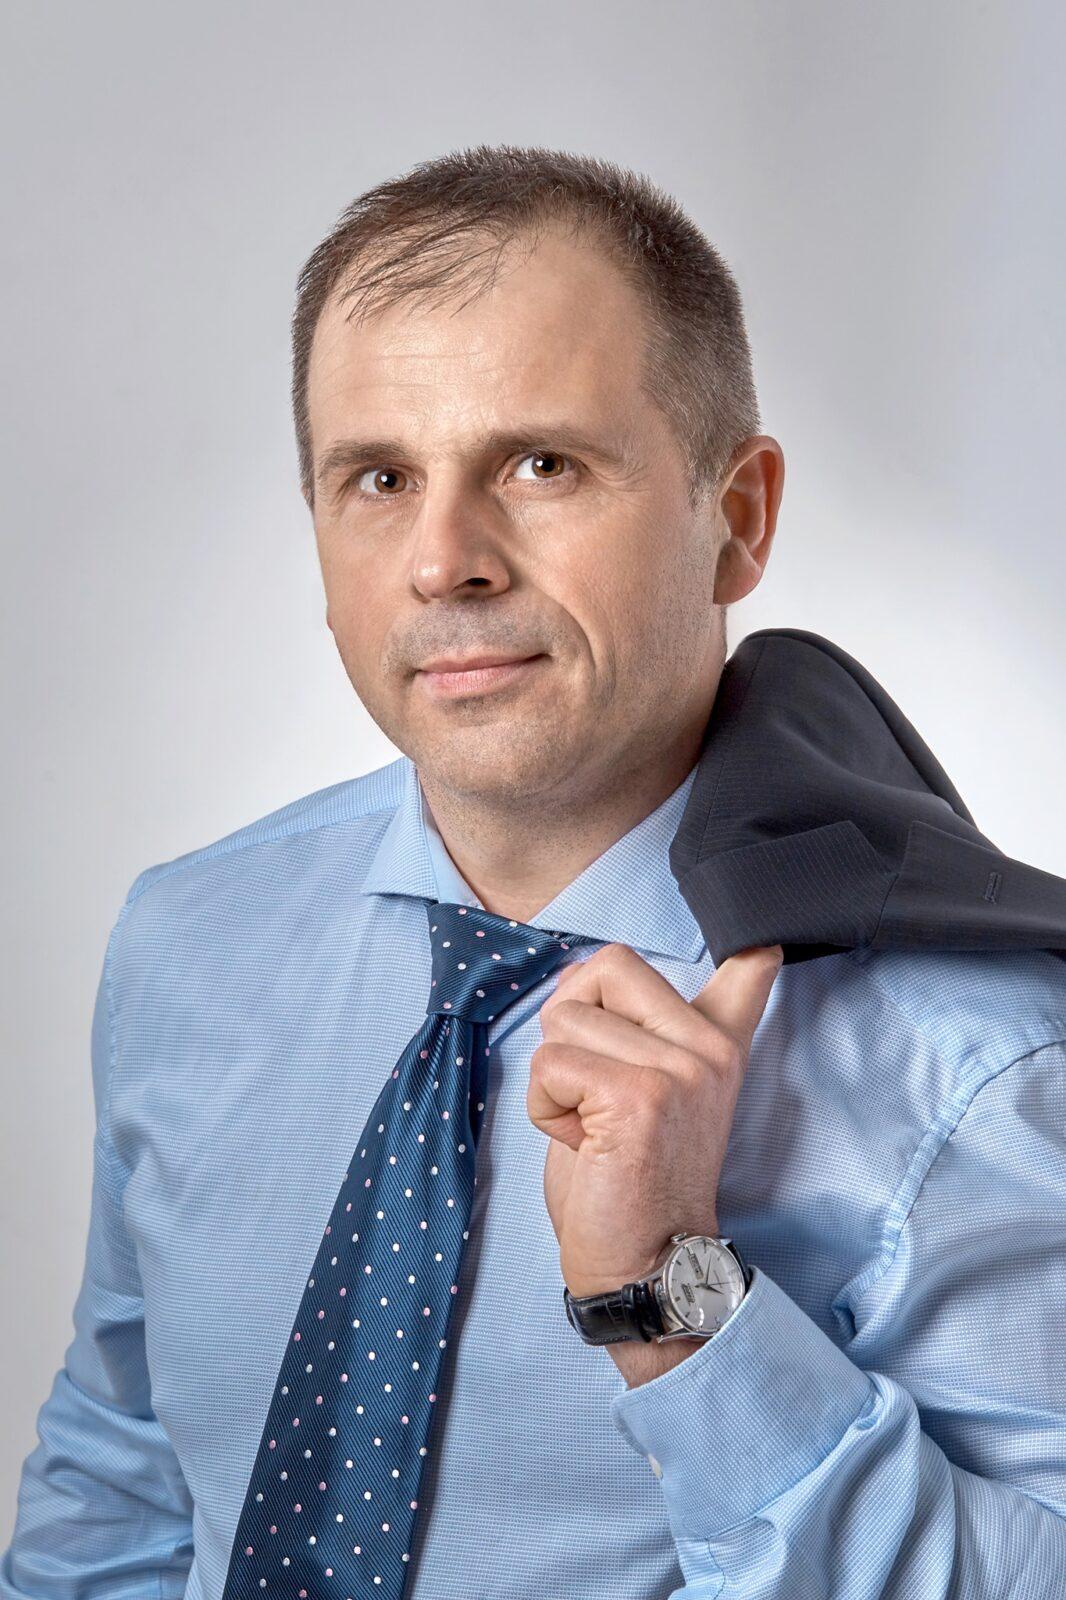 Бизнес портрет деловая фотосессия Киев